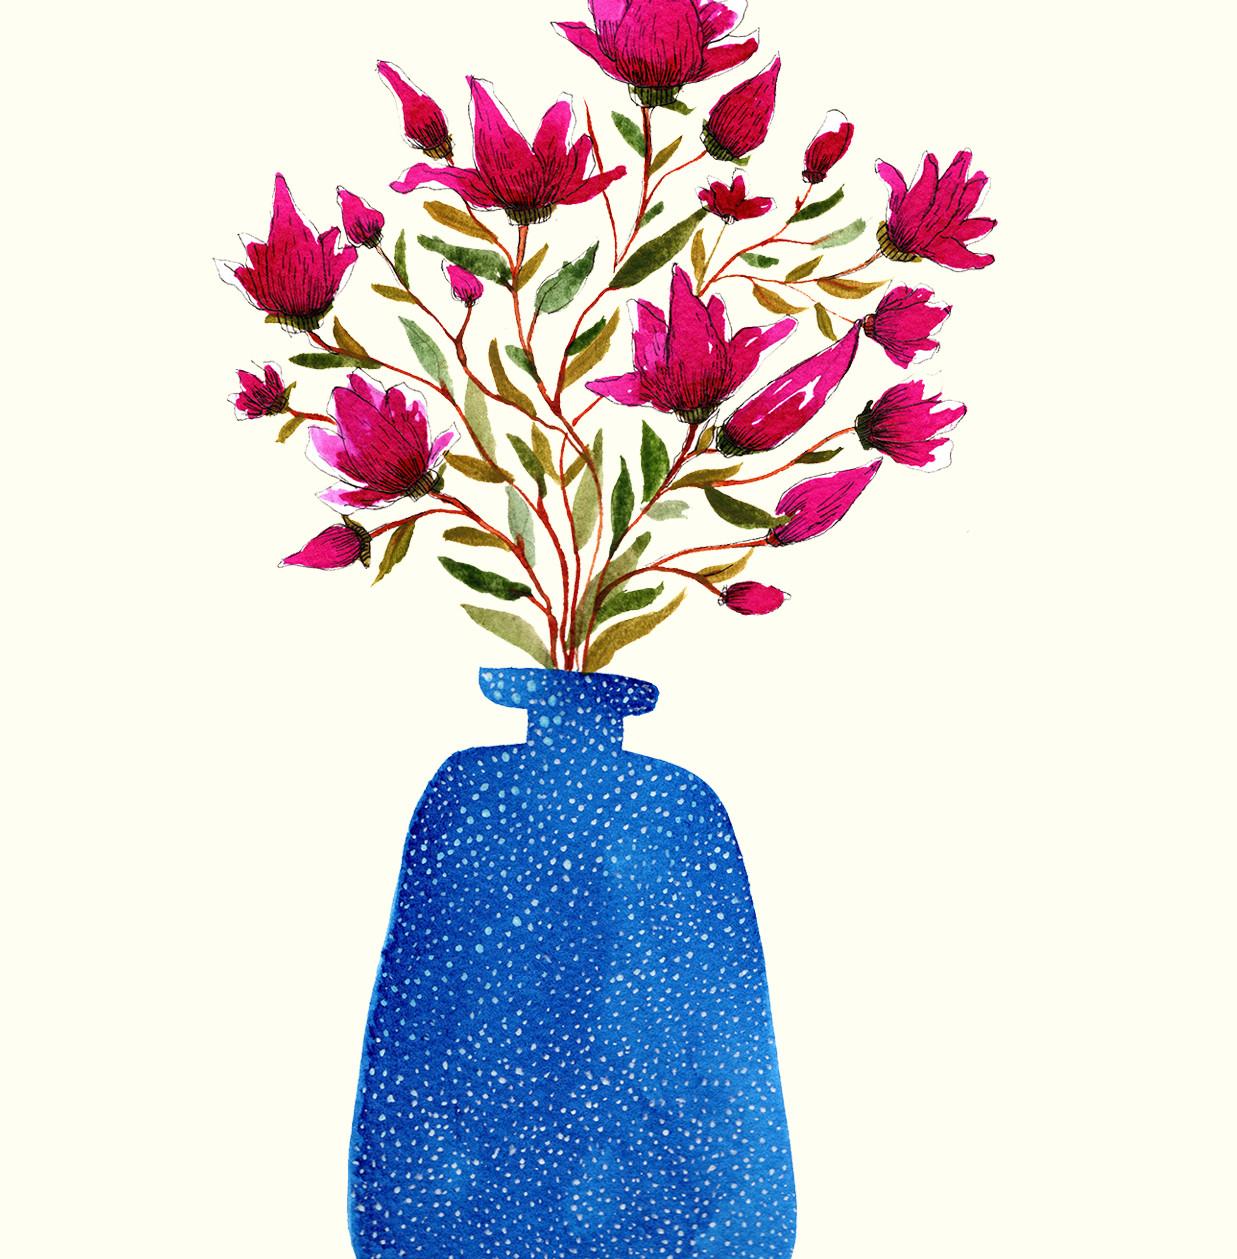 Magnoolia in Blue Vase